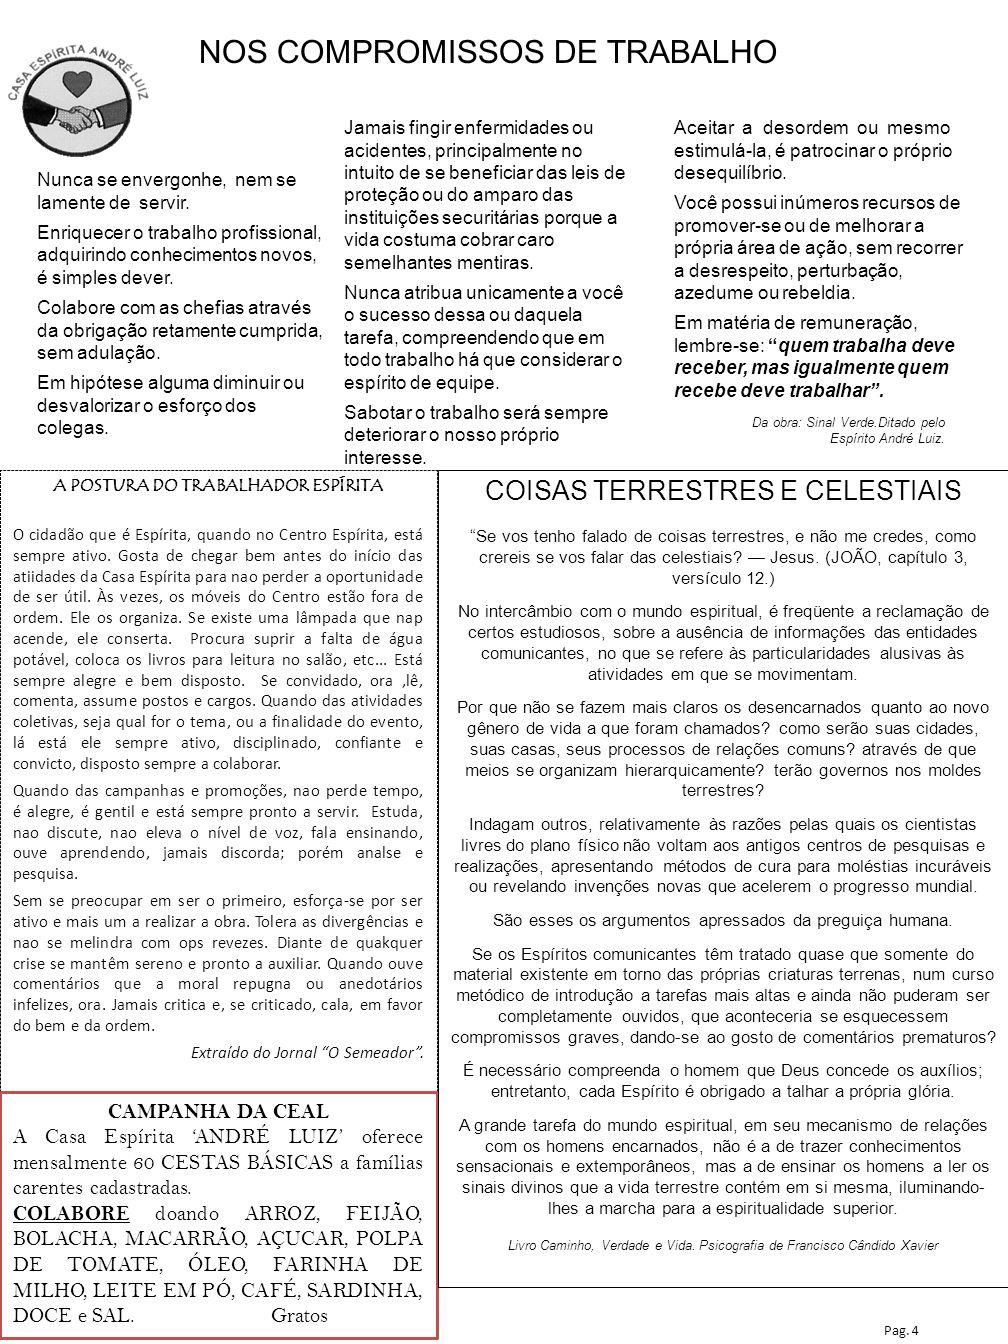 A POSTURA DO TRABALHADOR ESPÍRITA